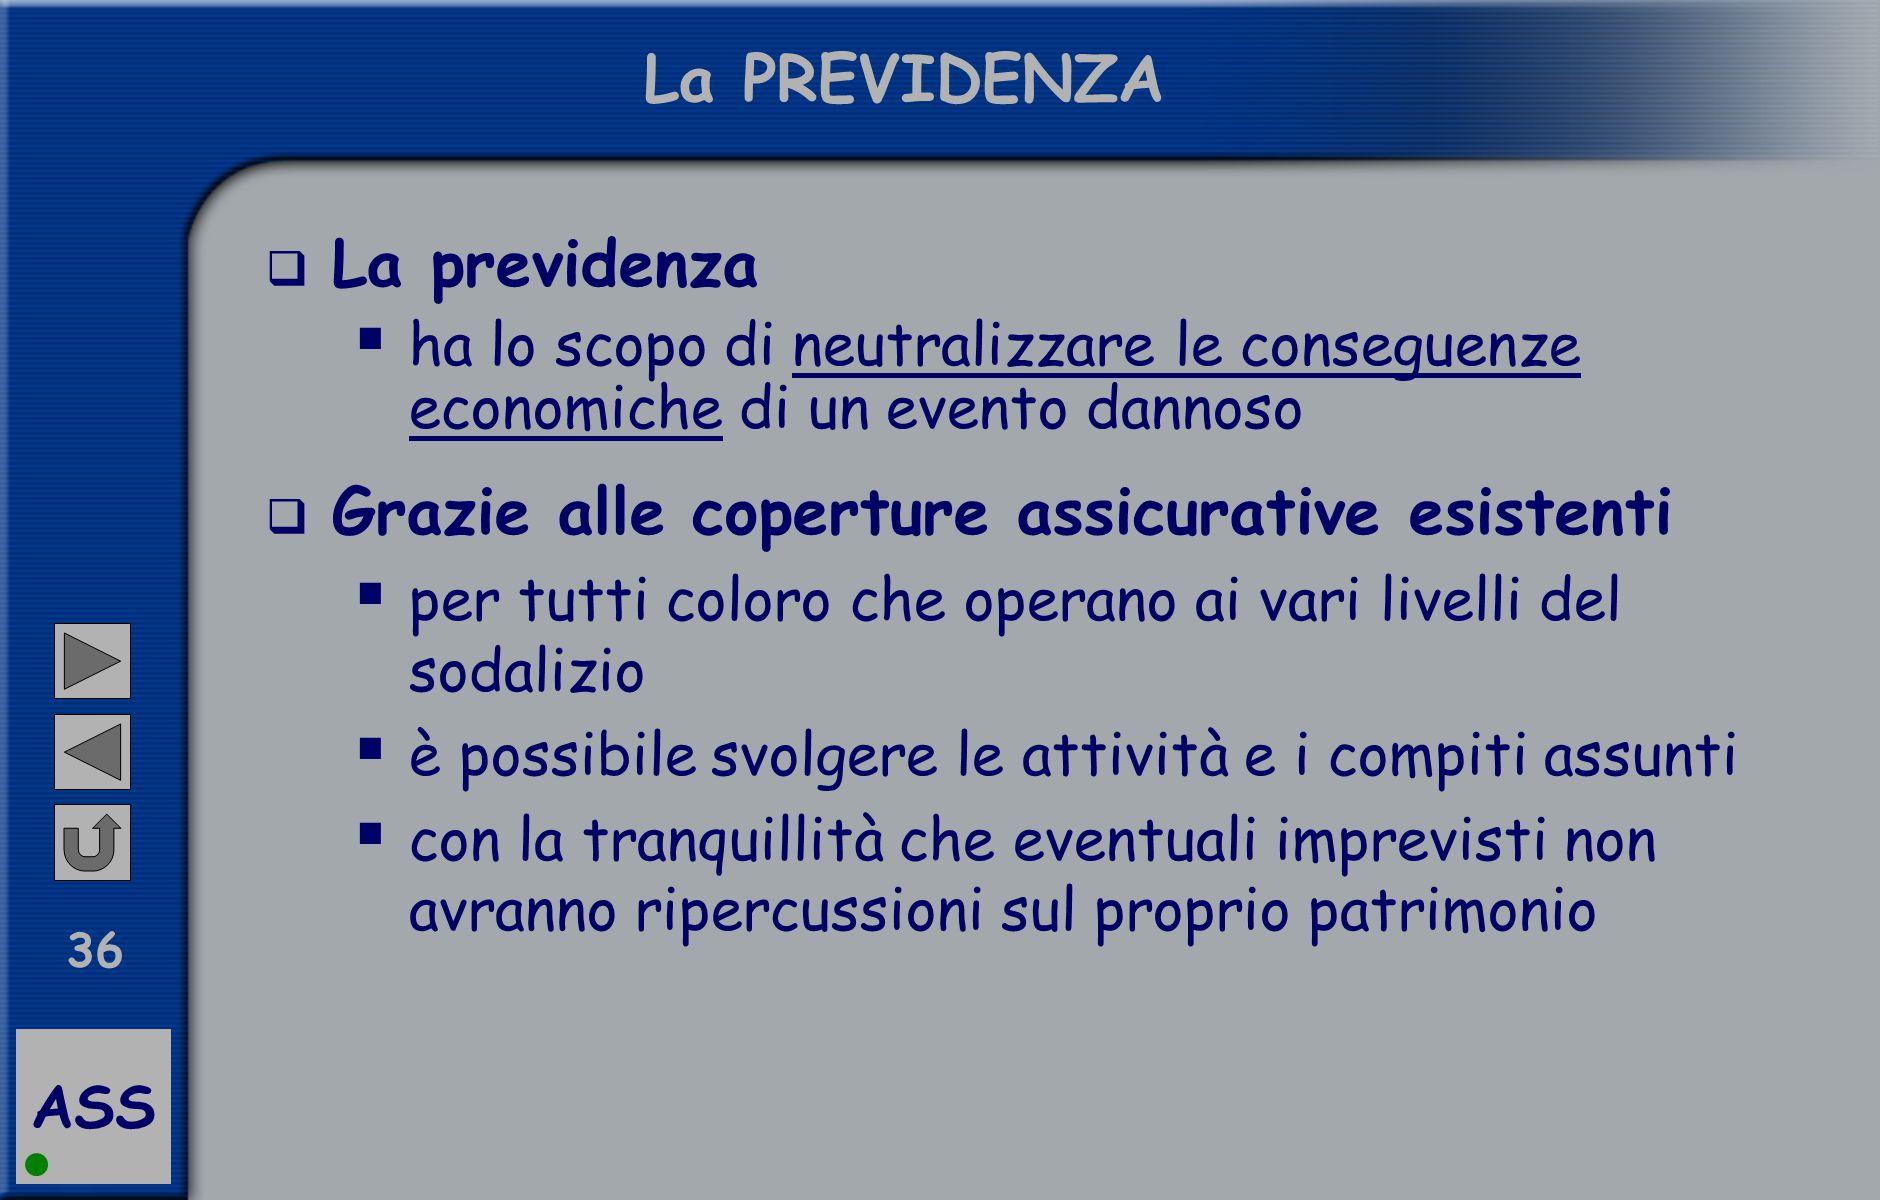 ASS 36 La PREVIDENZA  La previdenza  ha lo scopo di neutralizzare le conseguenze economiche di un evento dannoso  Grazie alle coperture assicurativ